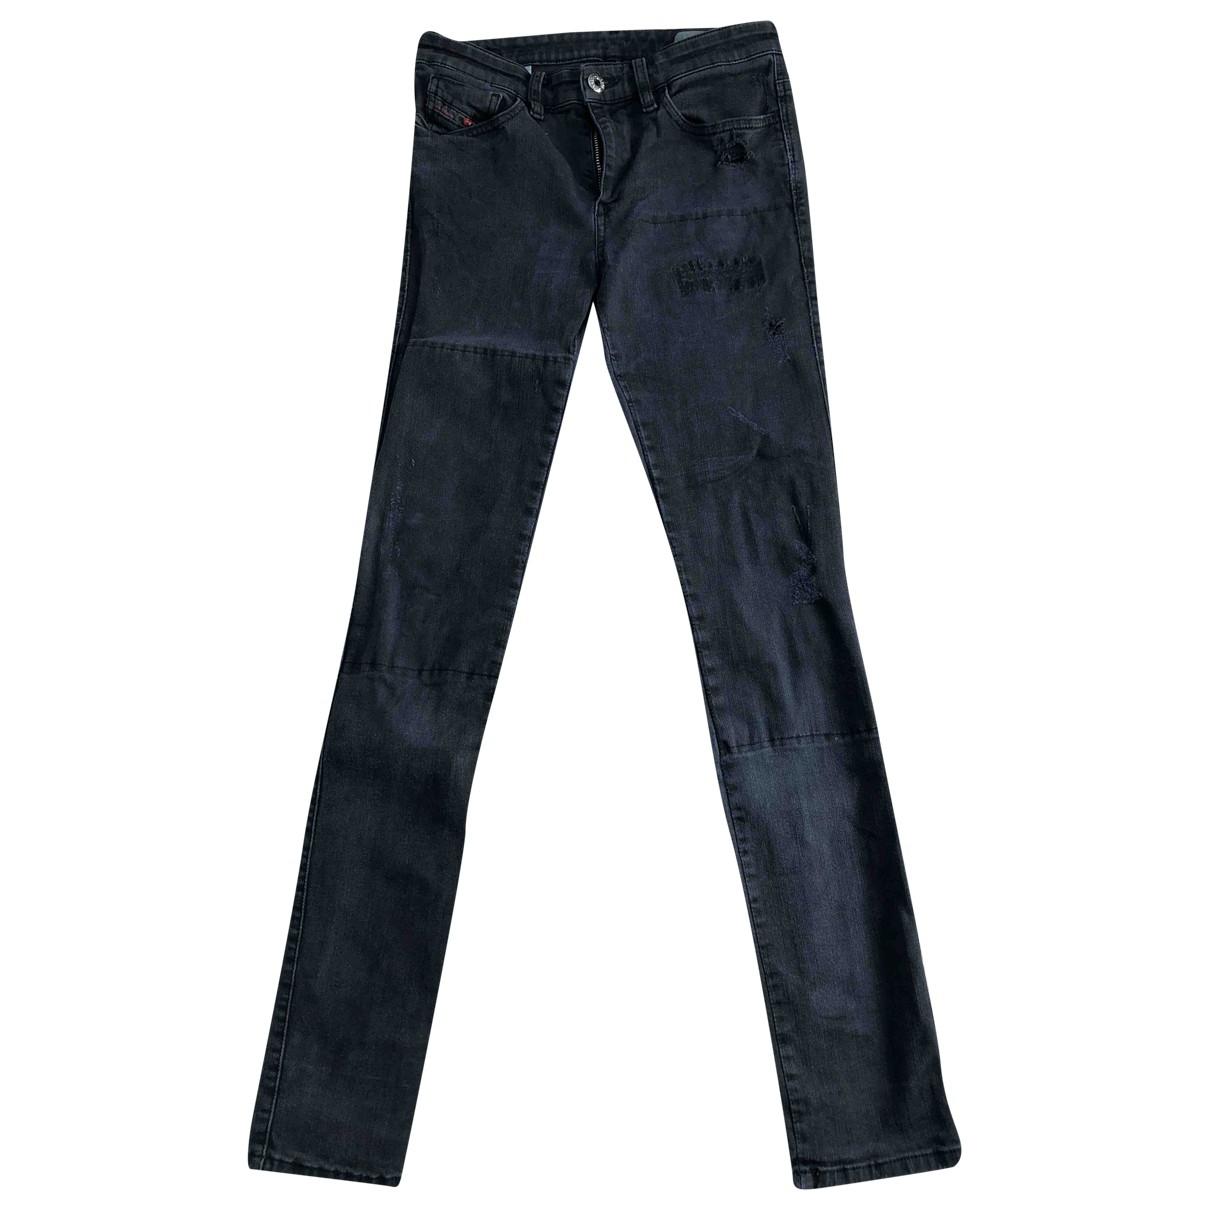 Diesel - Jean   pour femme en coton - elasthane - noir